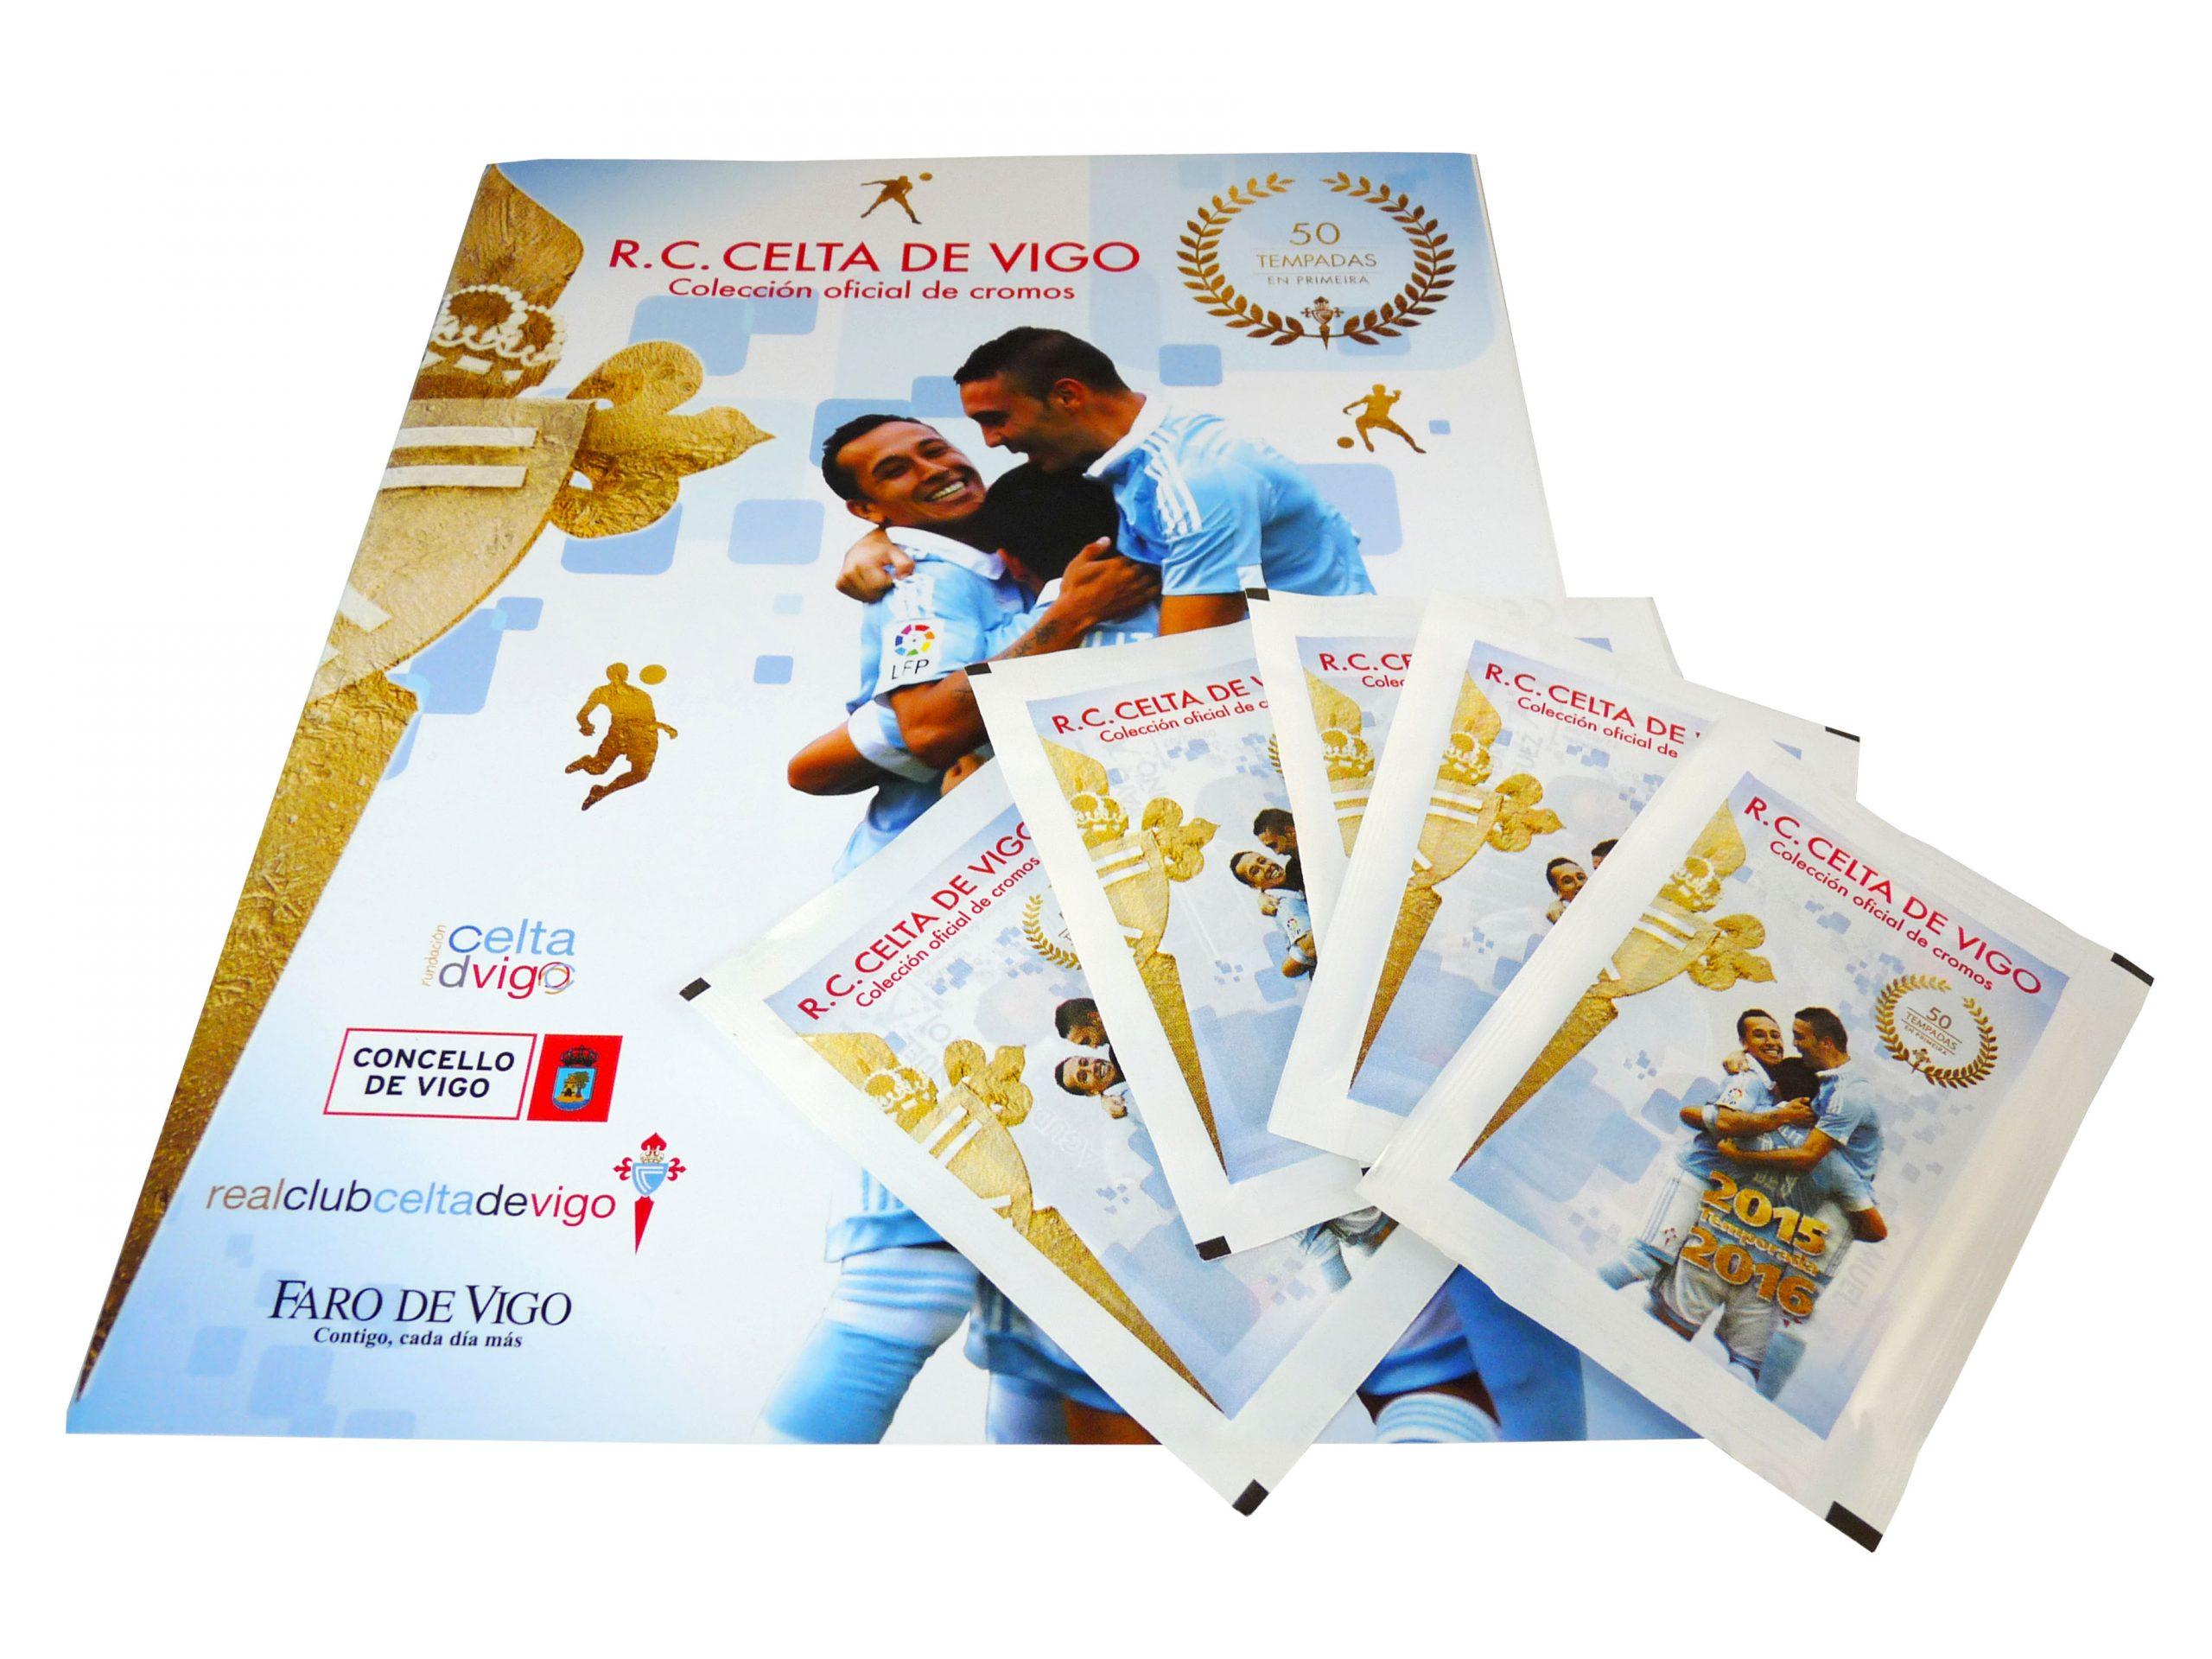 coleccion de cromos deportiva - Celta Vigo 3